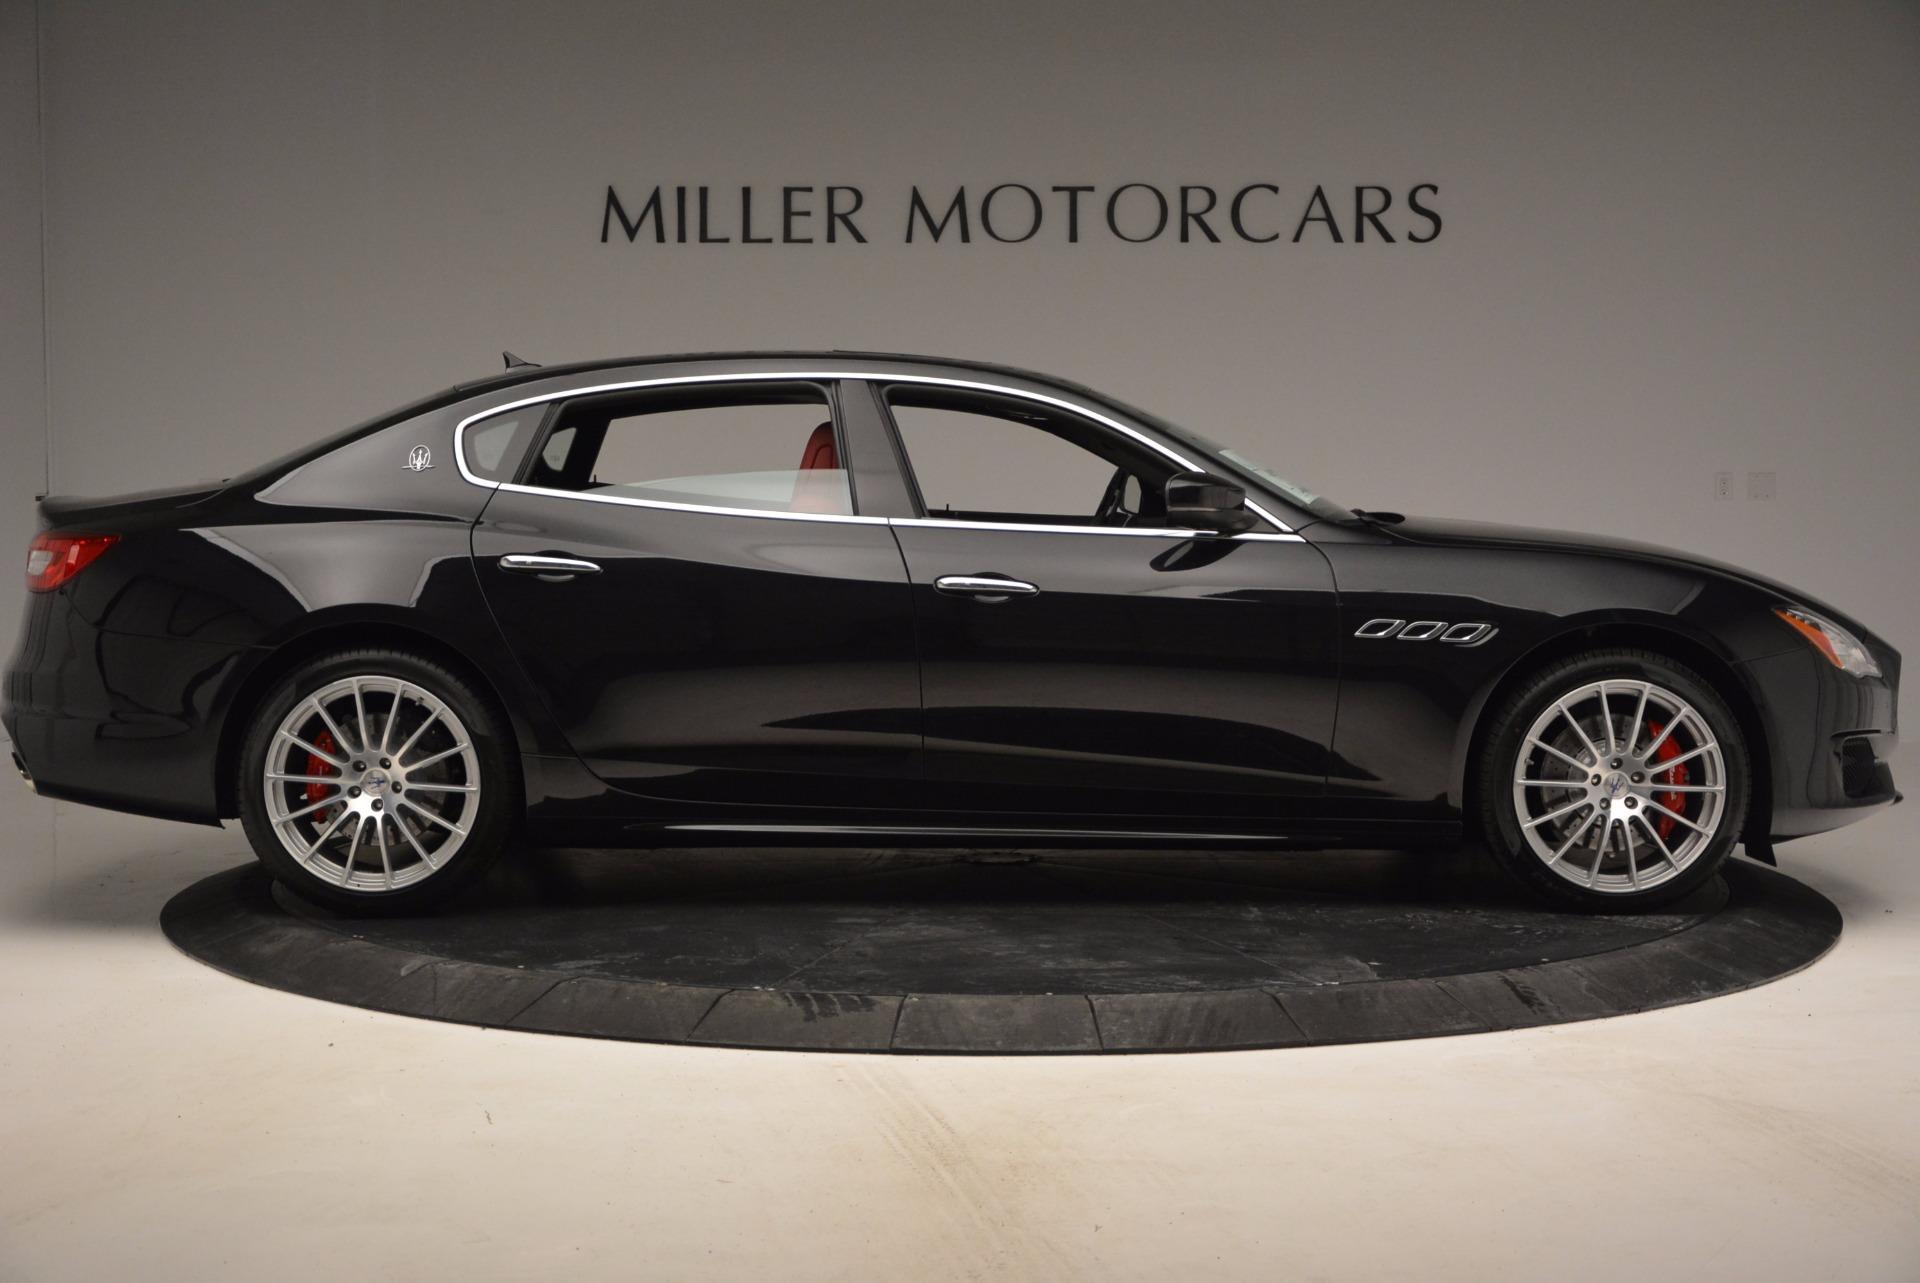 New 2017 Maserati Quattroporte S Q4 GranSport For Sale In Greenwich, CT 685_p9